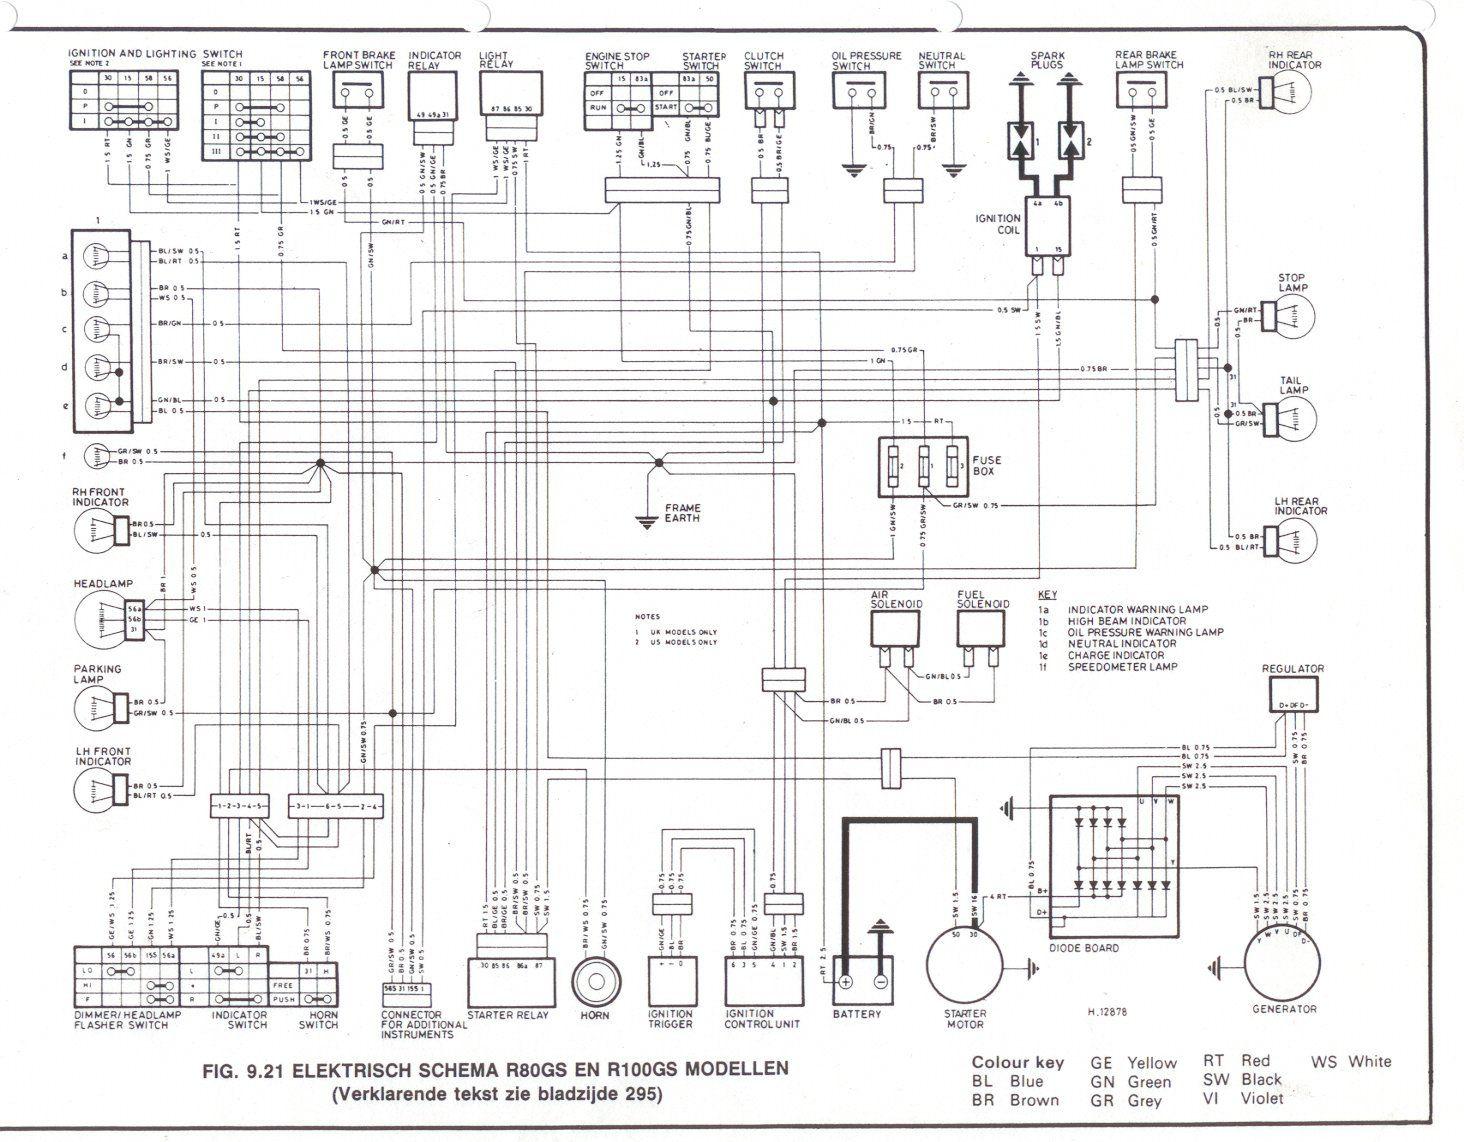 Bmw R1150r Electrical Wiring Diagram 3 Electrical Wiring Diagram Electrical Wiring Electricity